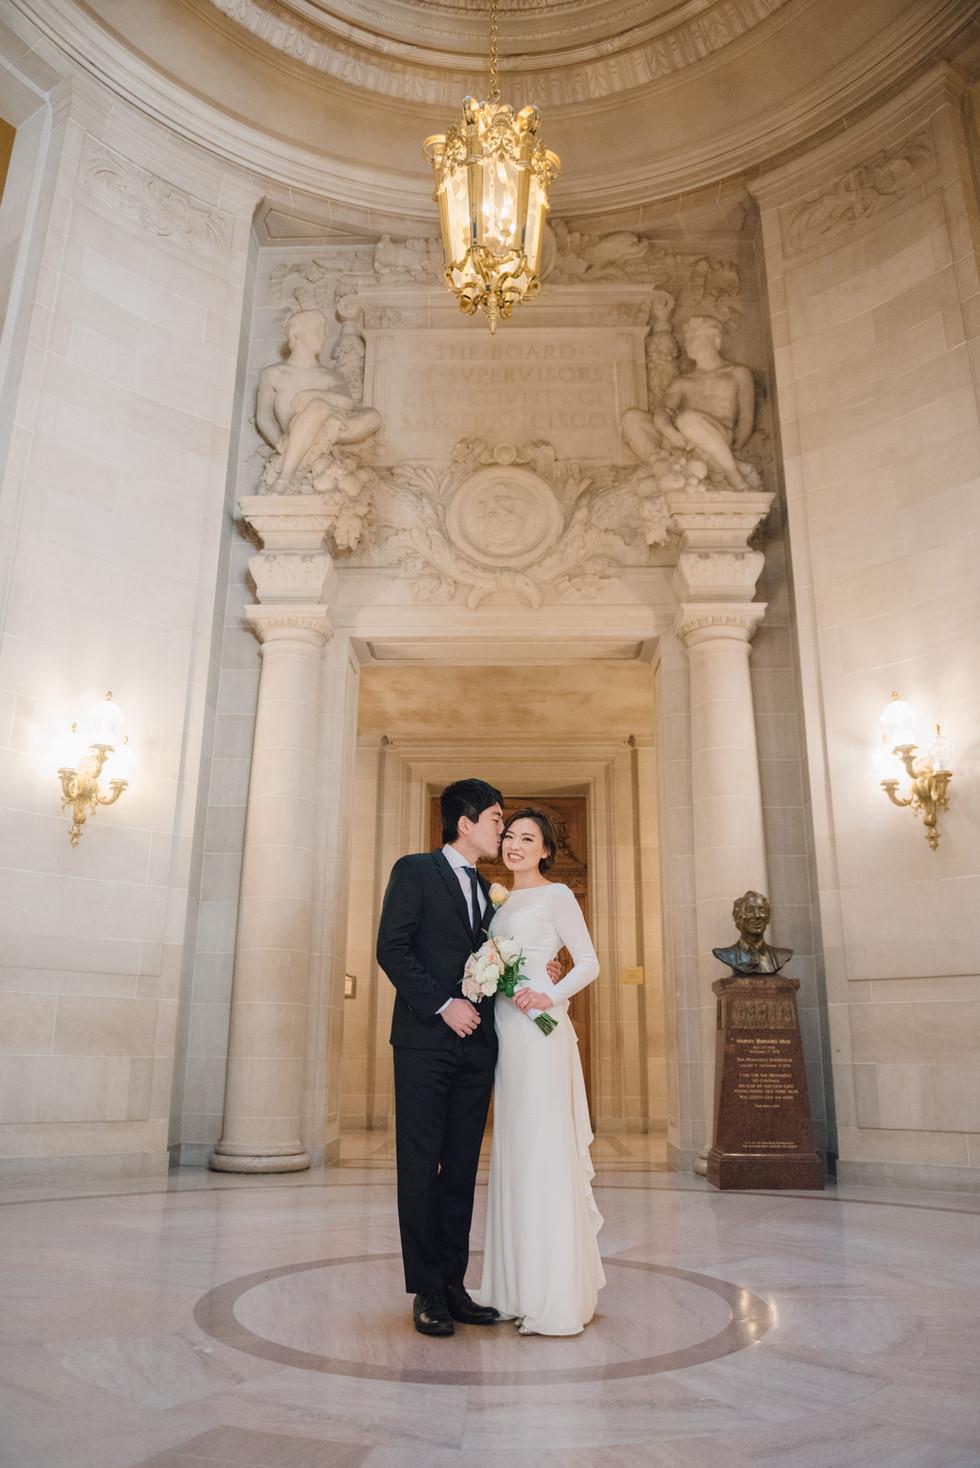 Civil ceremonies in the Rotunda